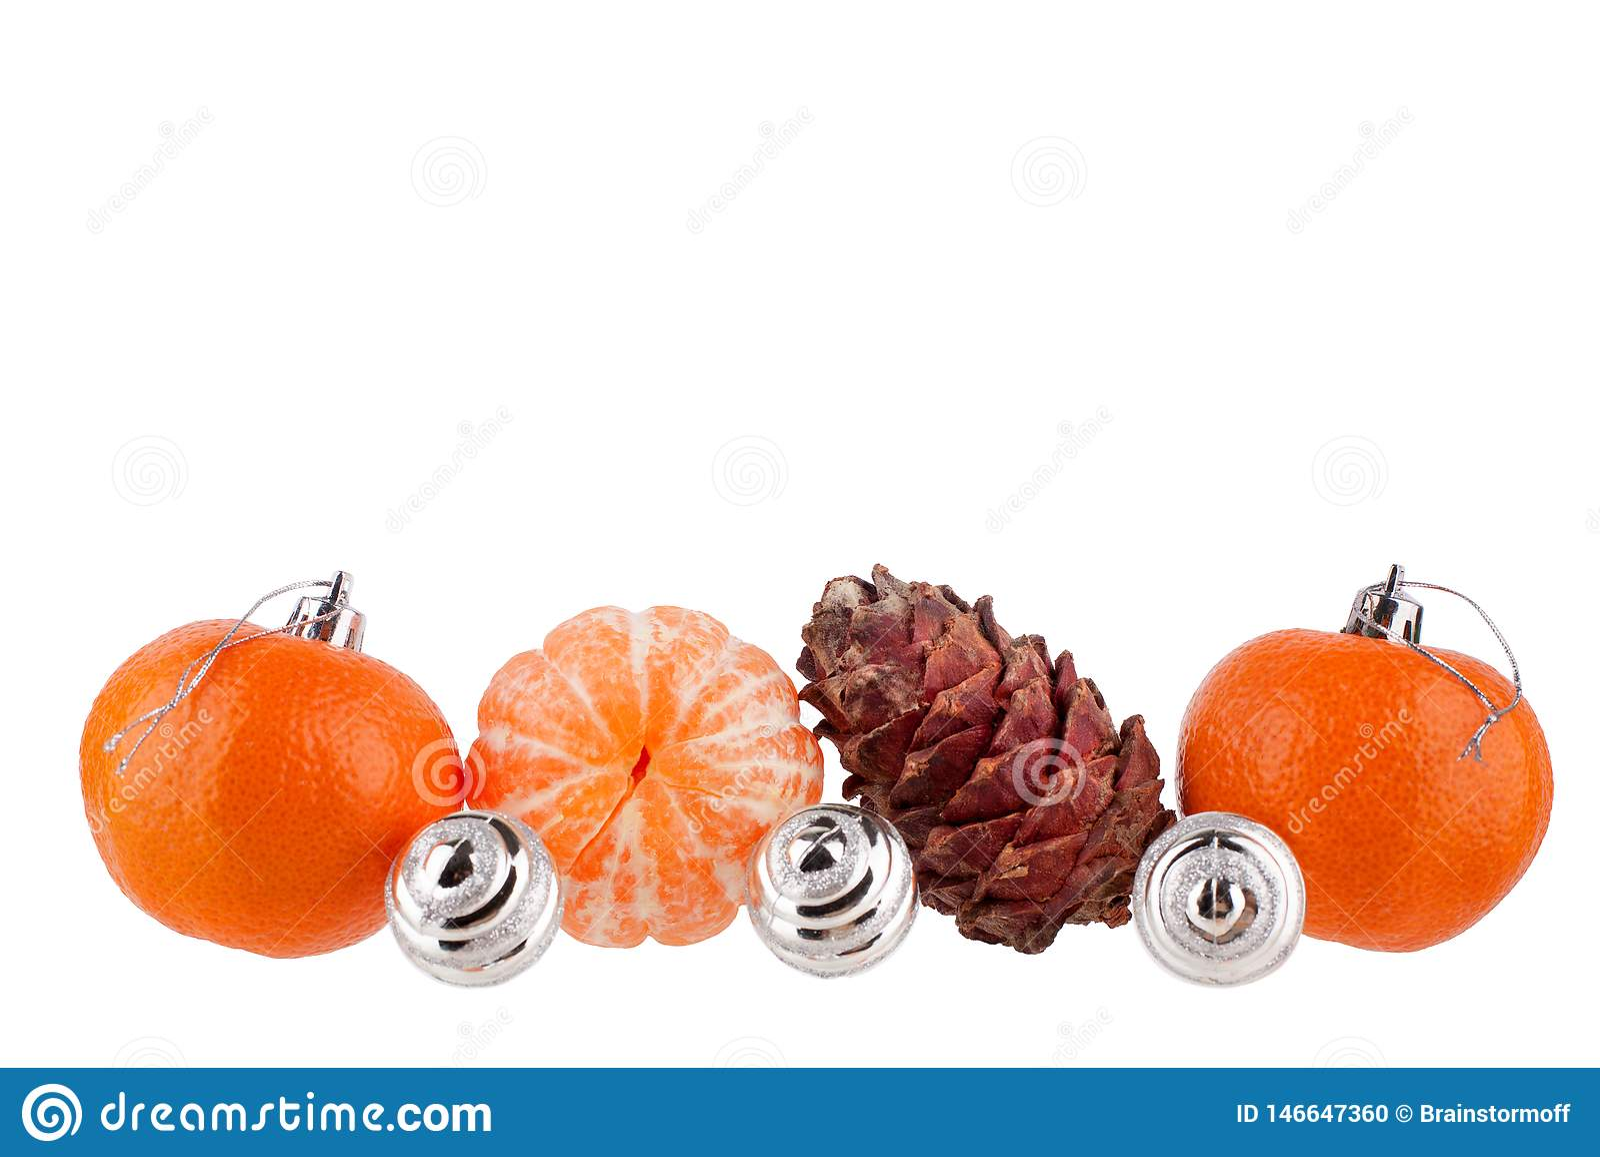 Νέα σύνορα έτους και Χριστουγέννων, σφαίρες Χριστουγέννων, tangerines, κώνος πεύκων, διακόσμηση ή σχέδιο για τη ευχετήρια κάρτα,